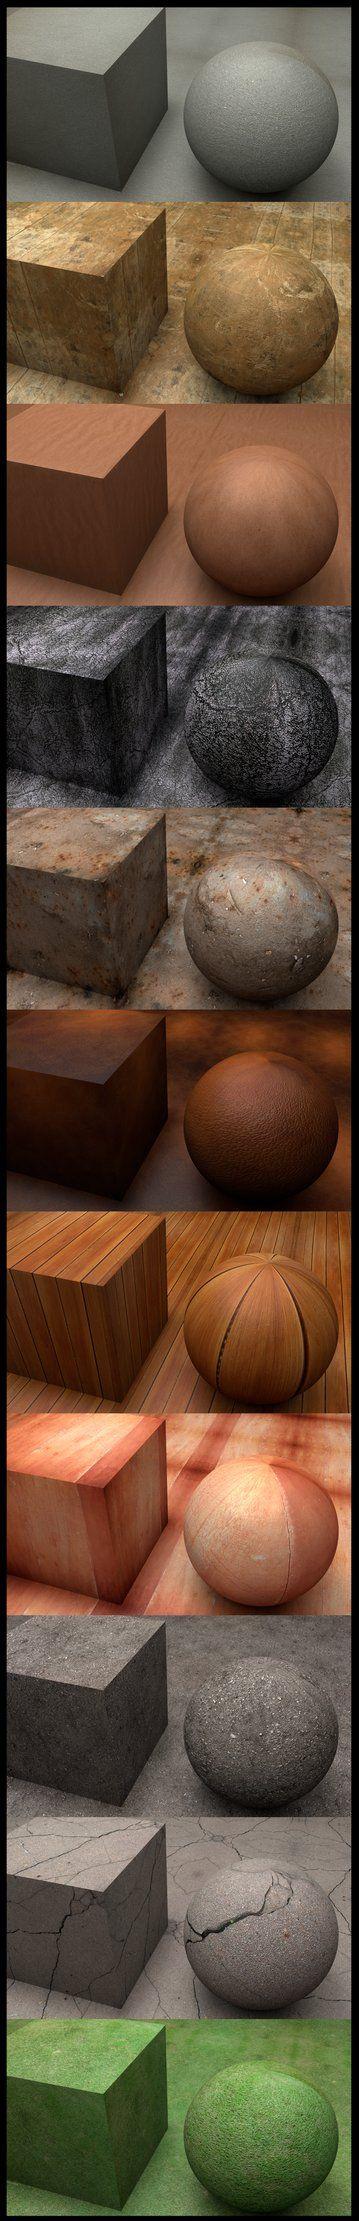 Materials by ~SMOKEYoriginalHD on deviantART